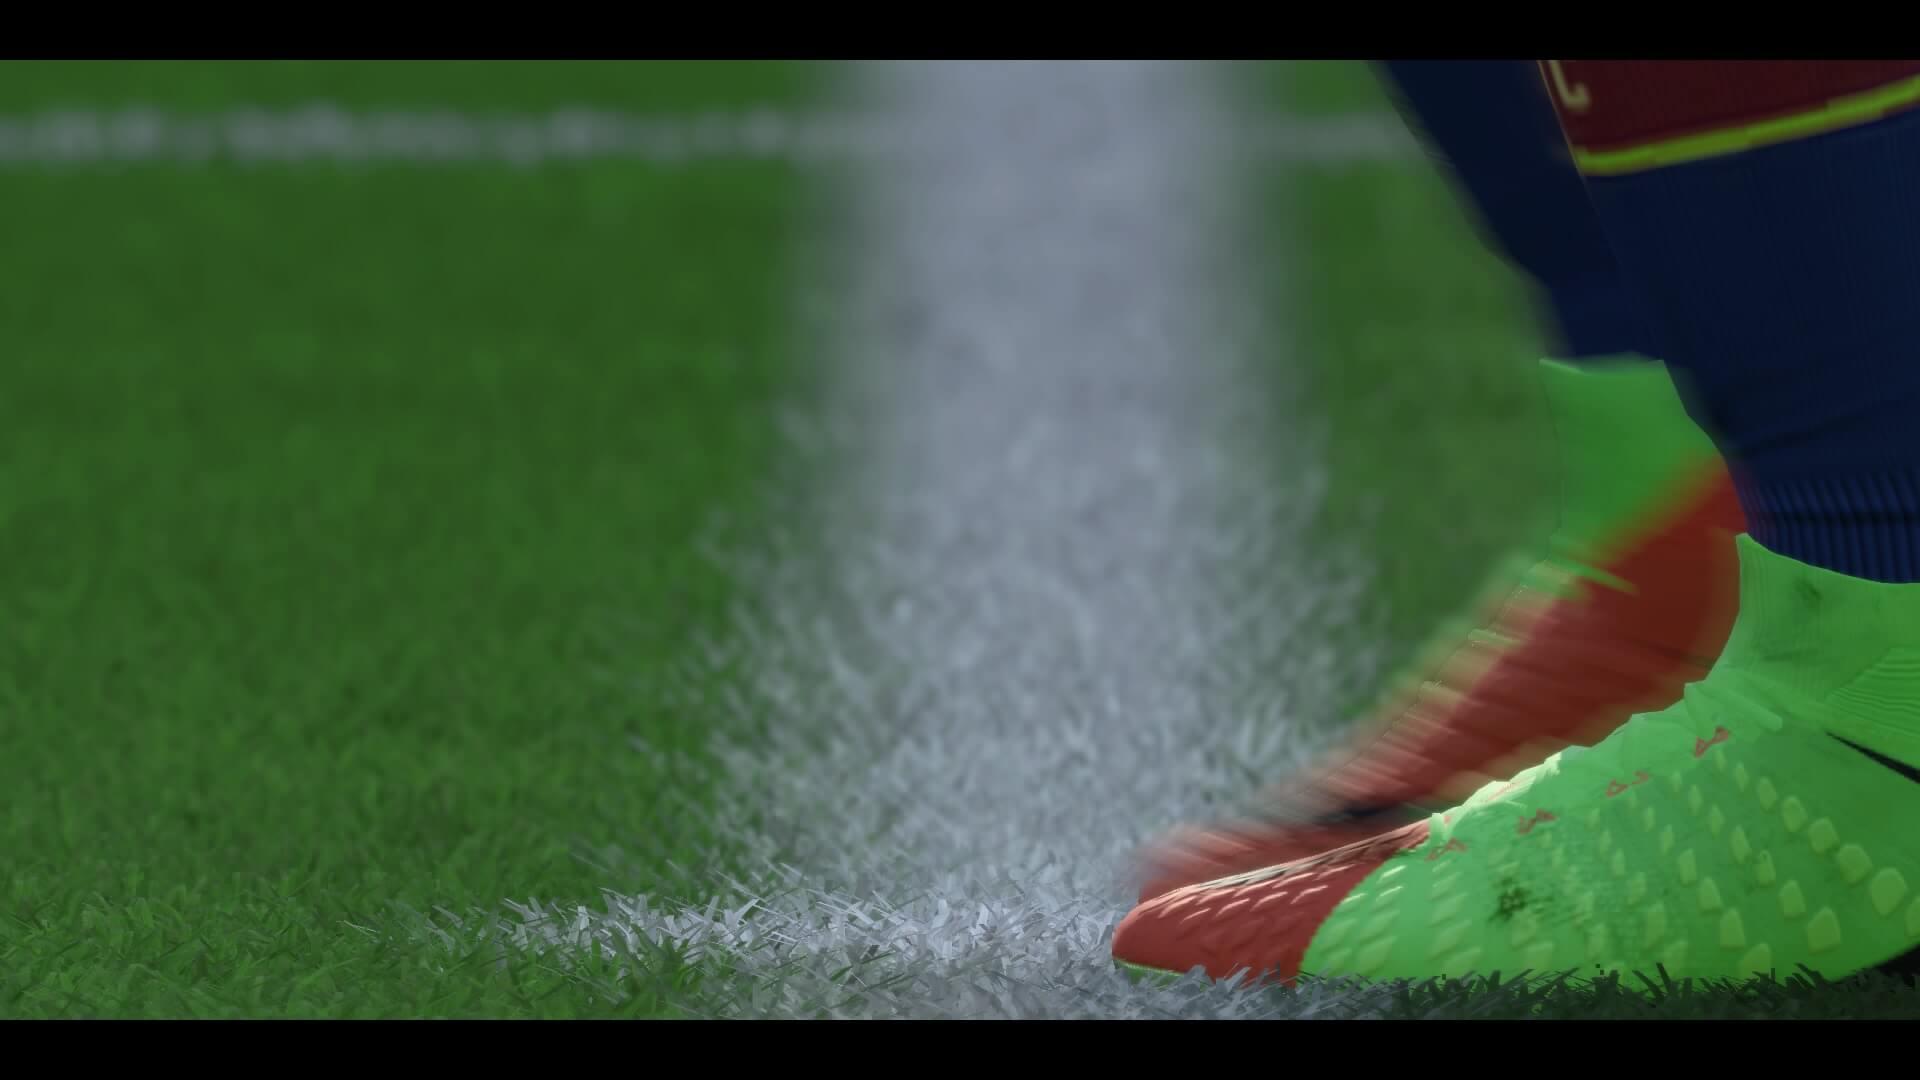 Foto de FIFA 18 teve sua jogabilidade alterada por conta da Copa do Mundo? Produtor explica